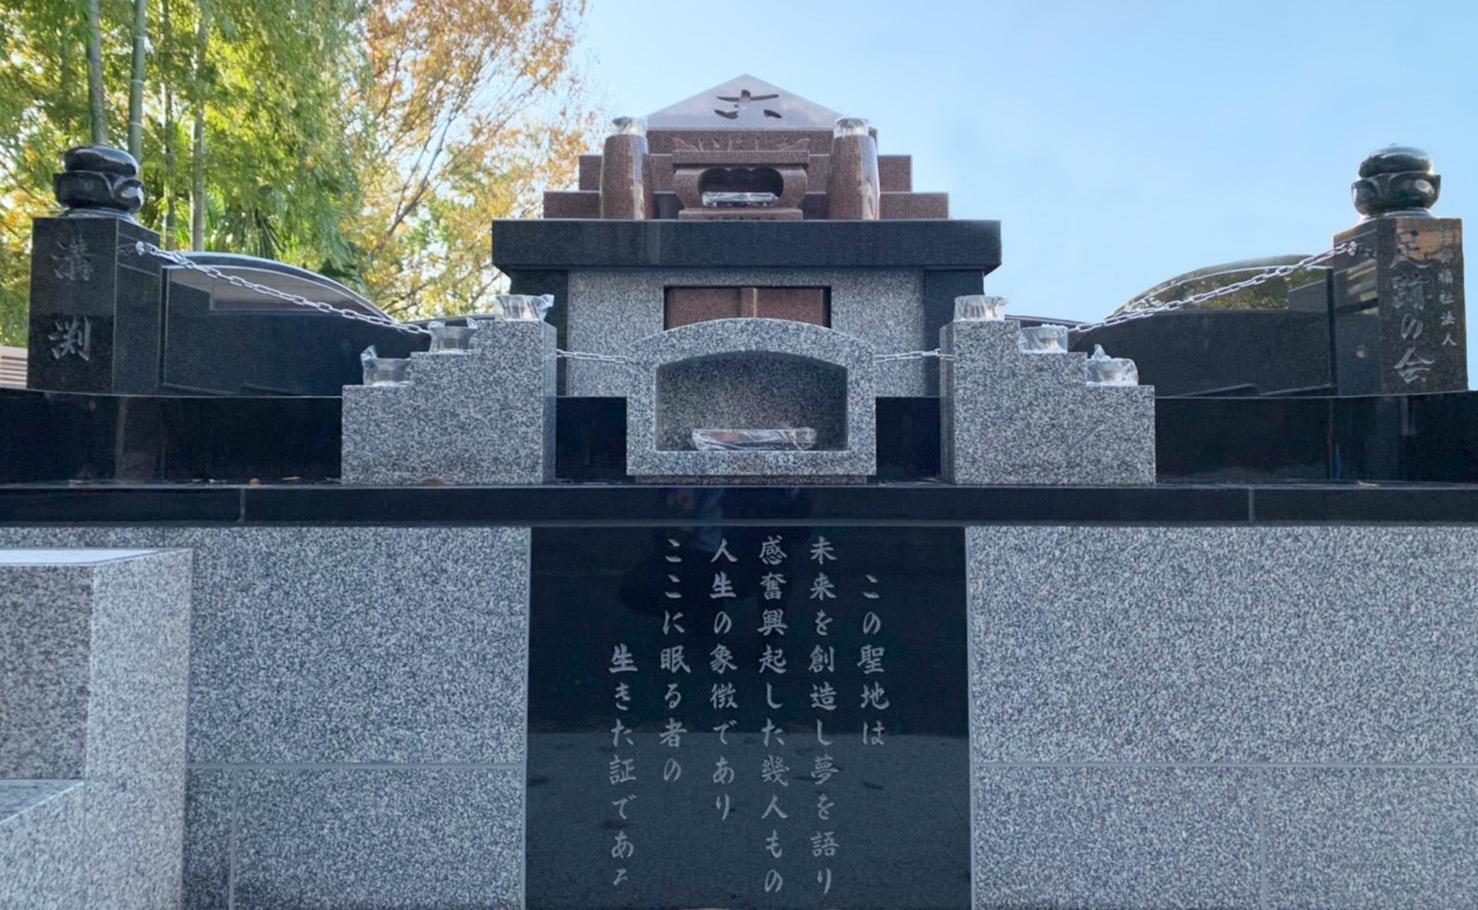 助葬事業の紹介ぺージを公開